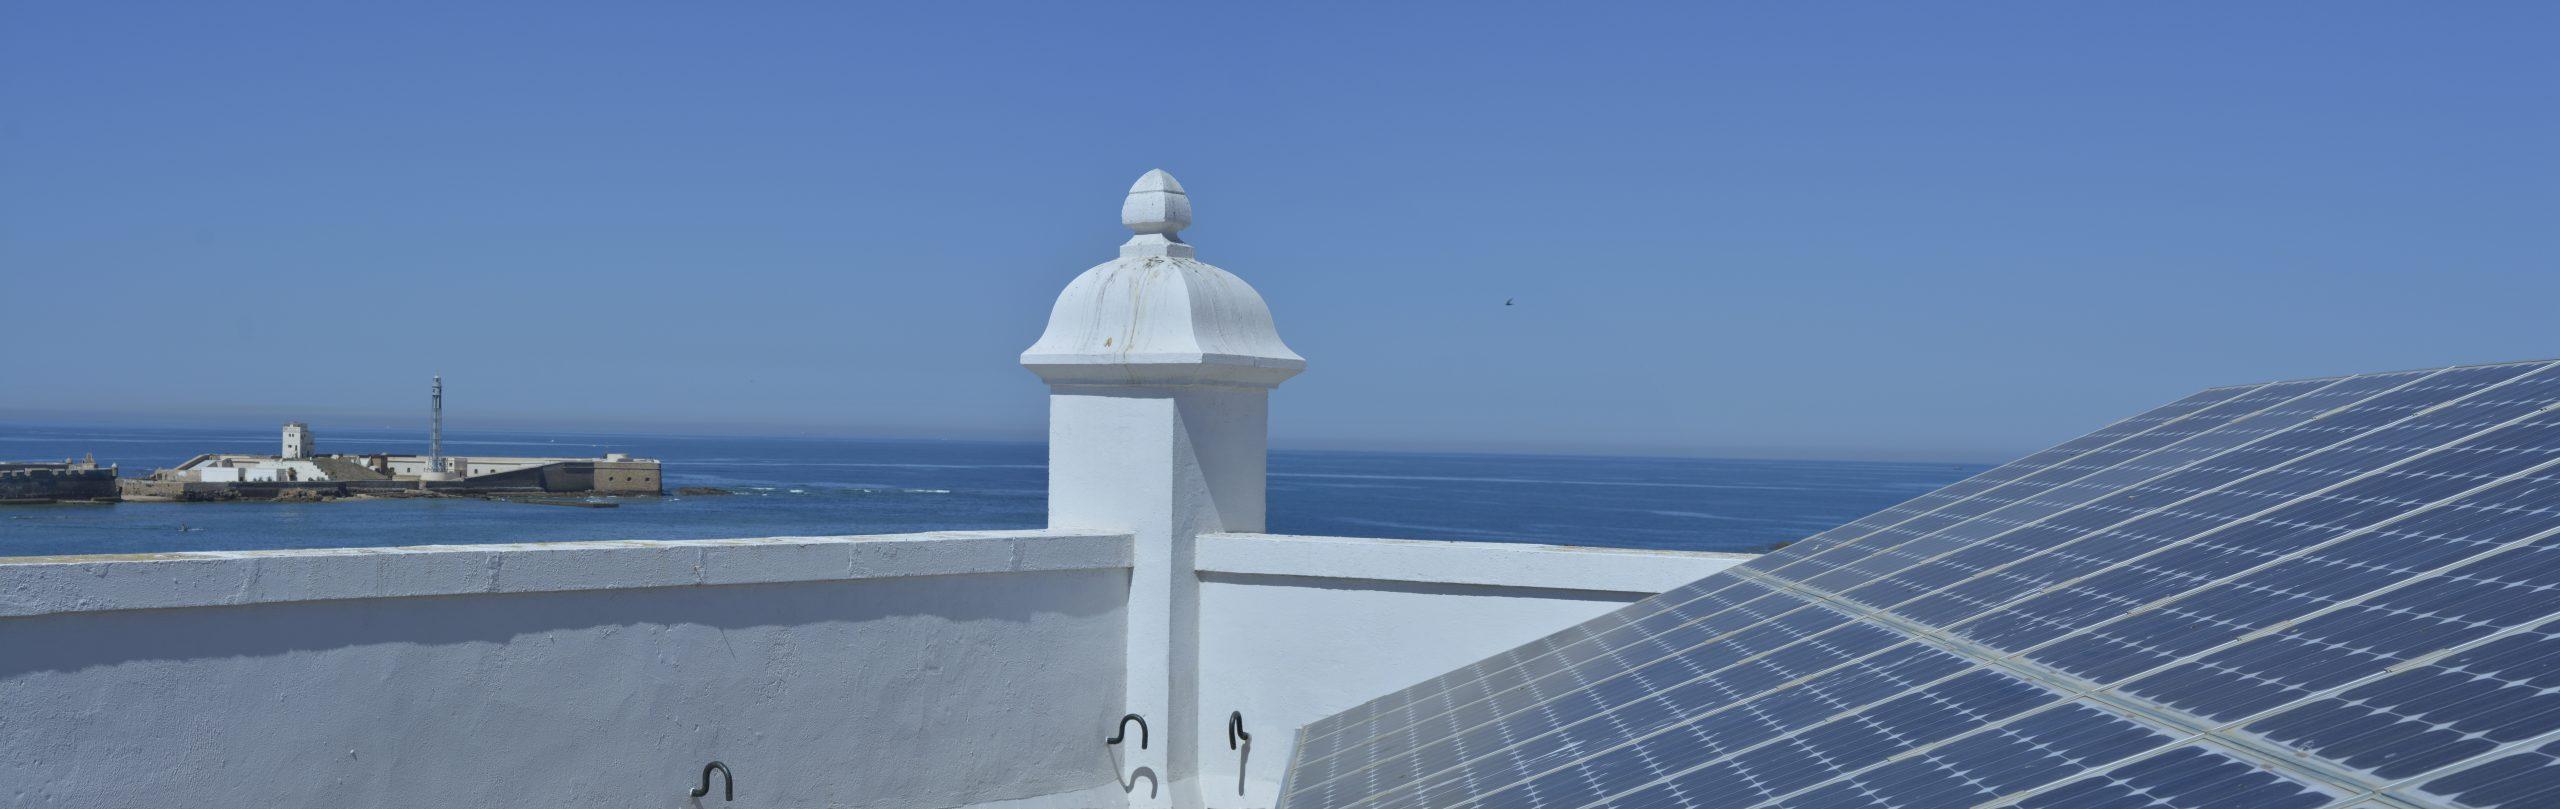 ¡Hoy se celebra el Día Mundial de la Eficiencia Energética!